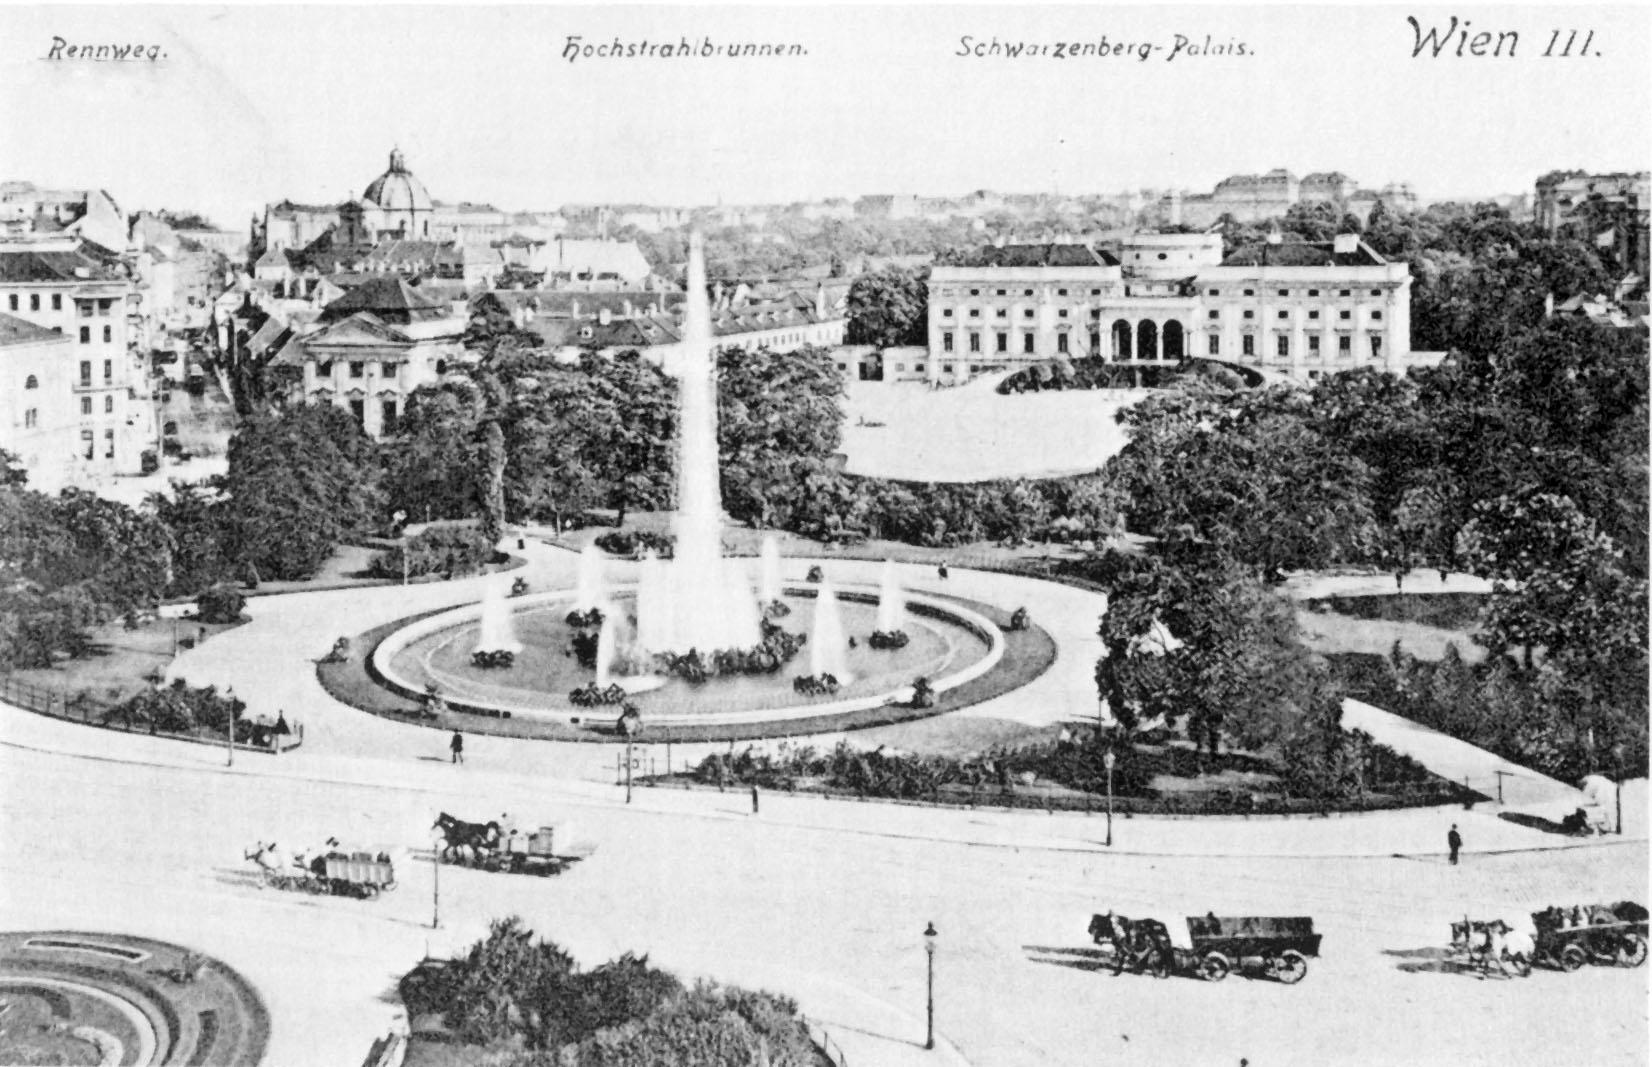 Vienna_schwarzenbergplatz1905.jpg